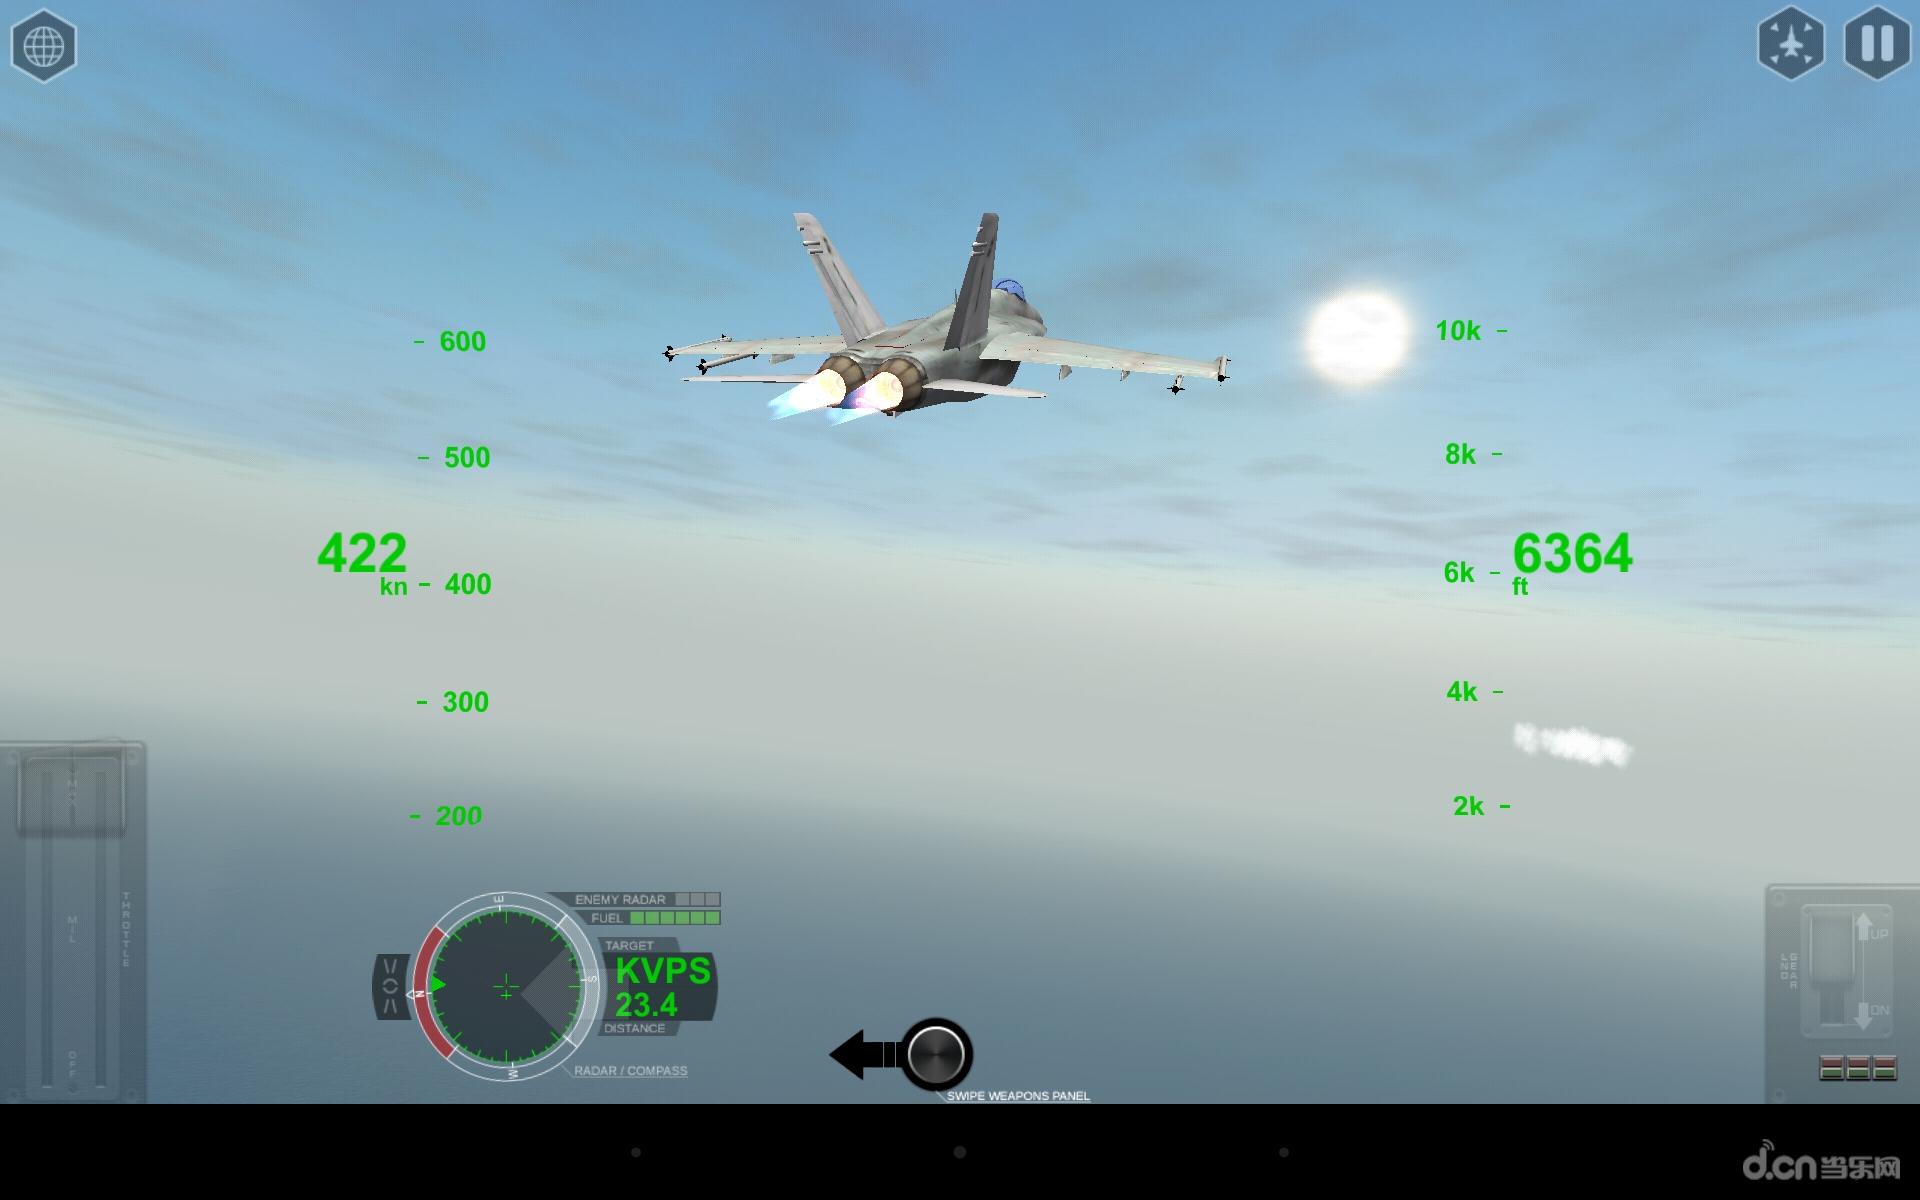 简介 《模拟空战 airfighters pro》是一款模拟飞行控制游戏,游戏